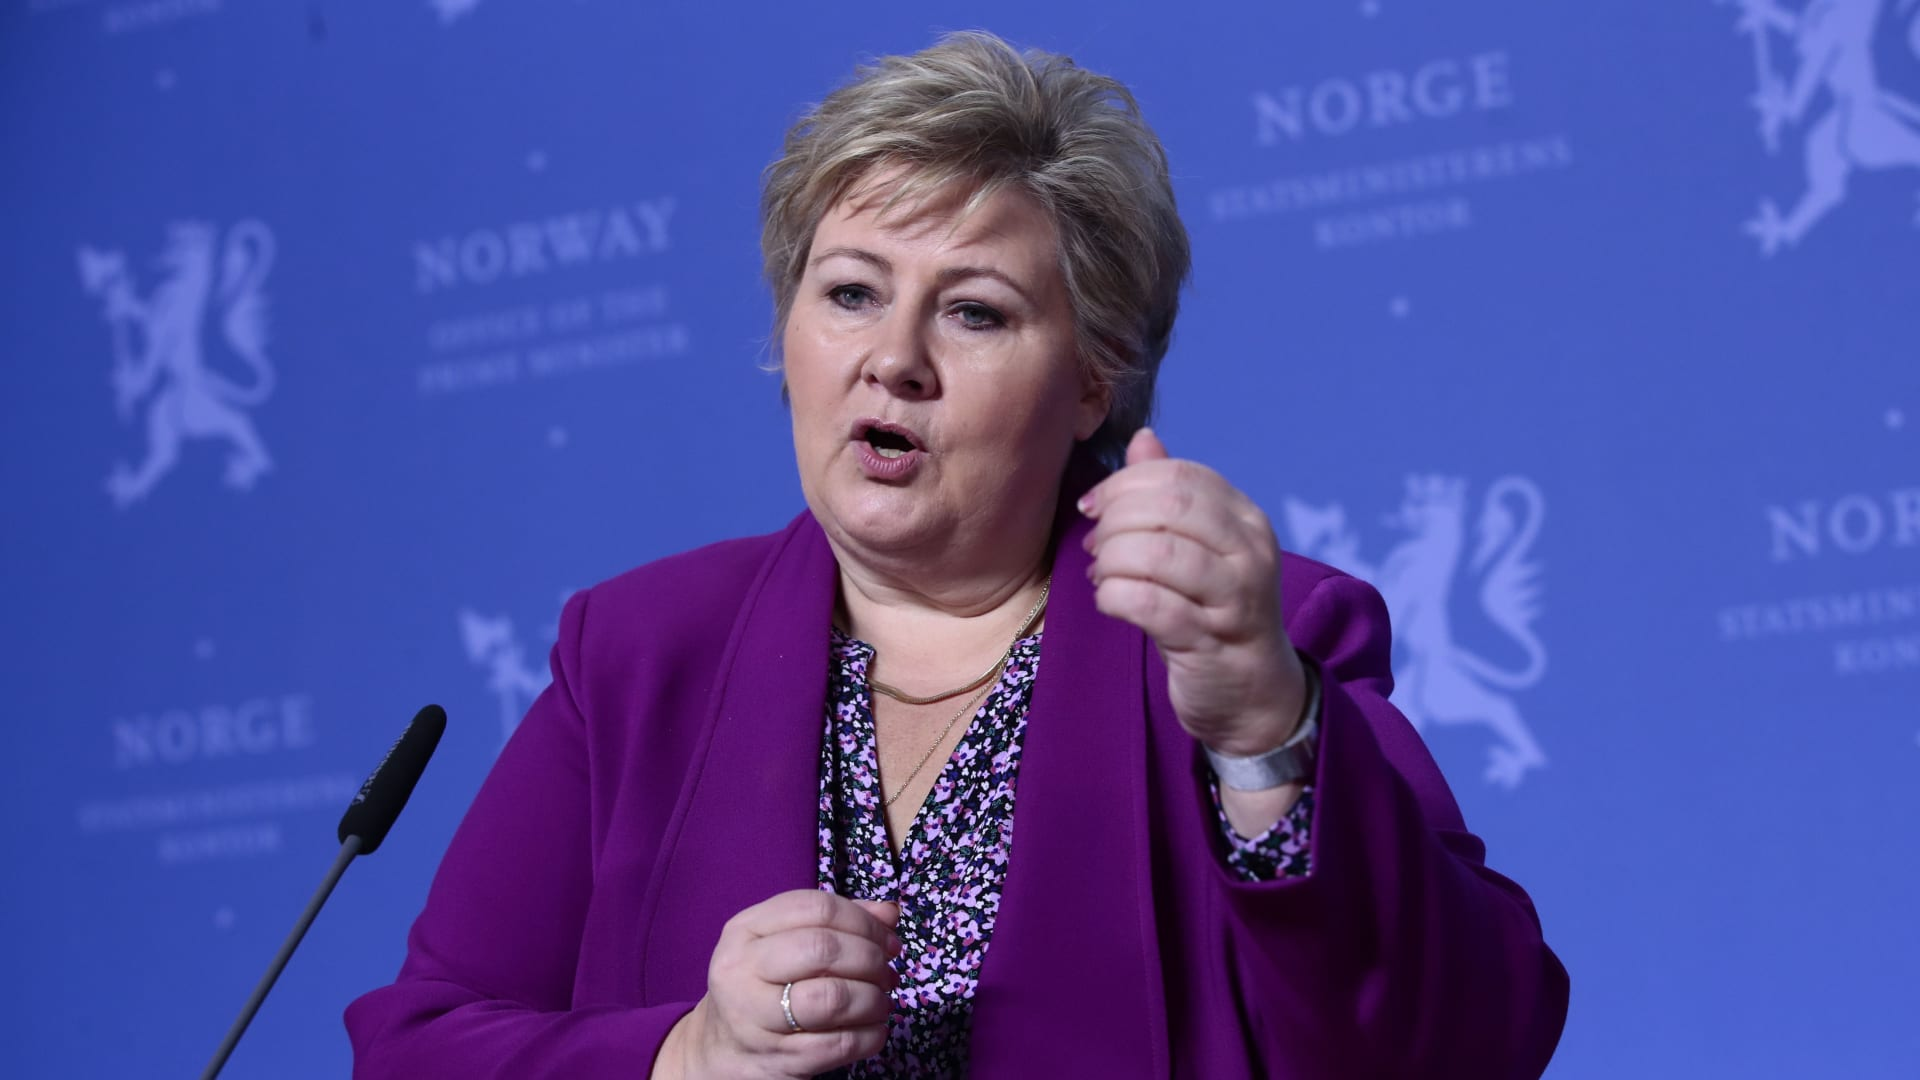 رئيسة وزراء النرويج إرنا سولبرغ - صورة أرشيفية